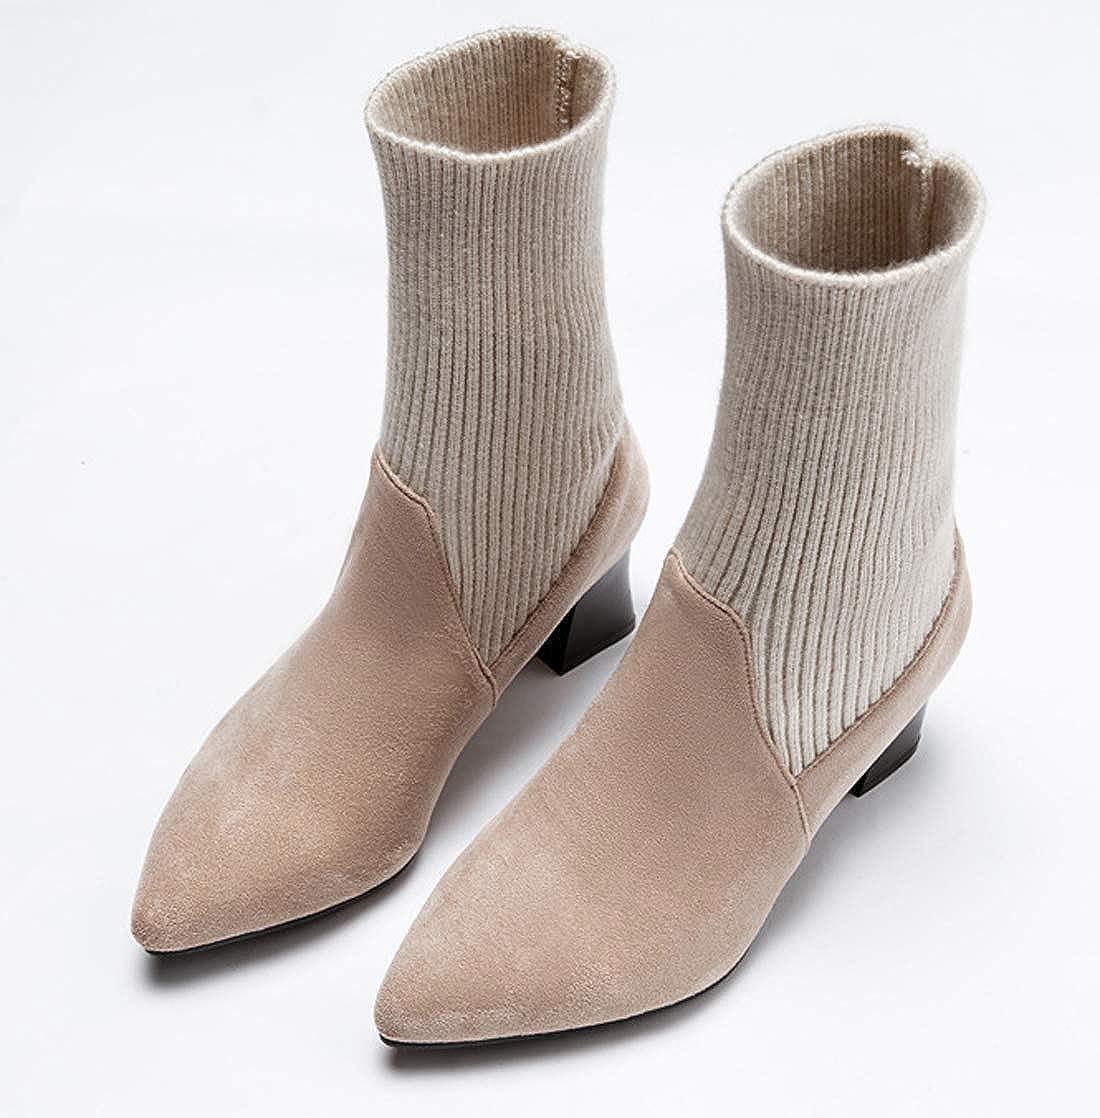 SERAPH SHOES Bottes Chaussettes En Maille Noir Noir Maille Femme Bottines À Talons Carré Haut Chaussures BootsB07K5FBR5YParent 50e1e9